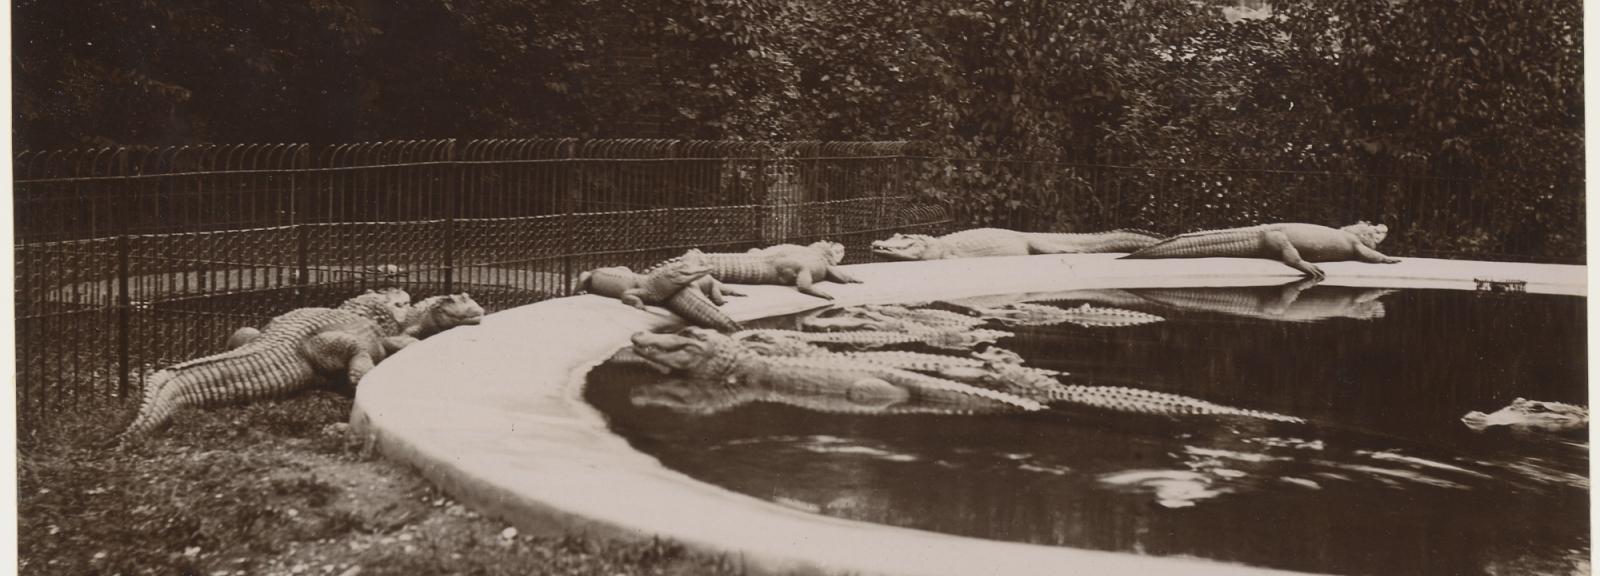 Les premiers crocodiles du Jardin des Plantes, 1838 © MNHN - Bibliothèque centrale